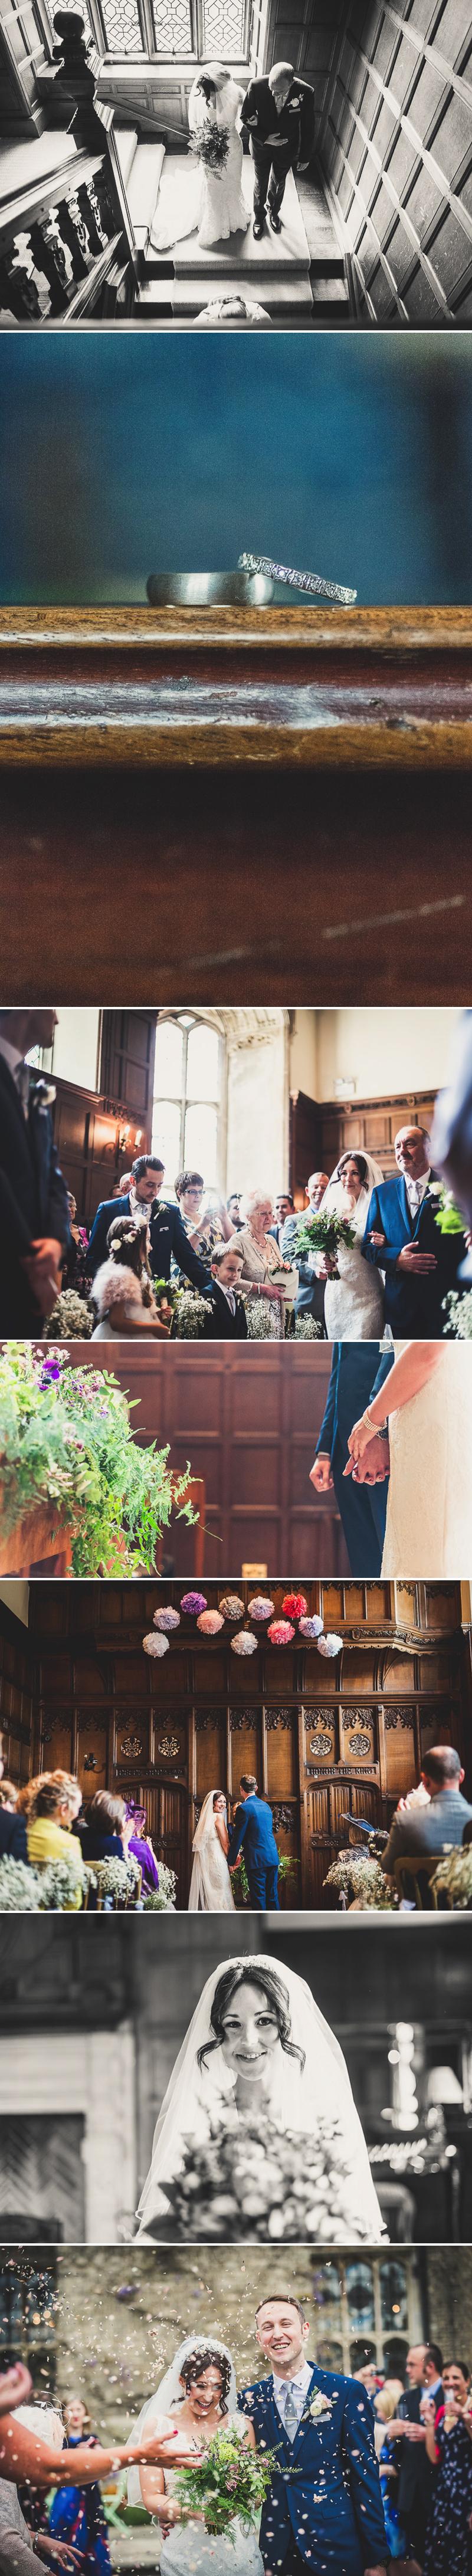 suffolk-wedding-venue-hengrave-hall-wedding-coco-wedding-venues-luis-holden-photography-003